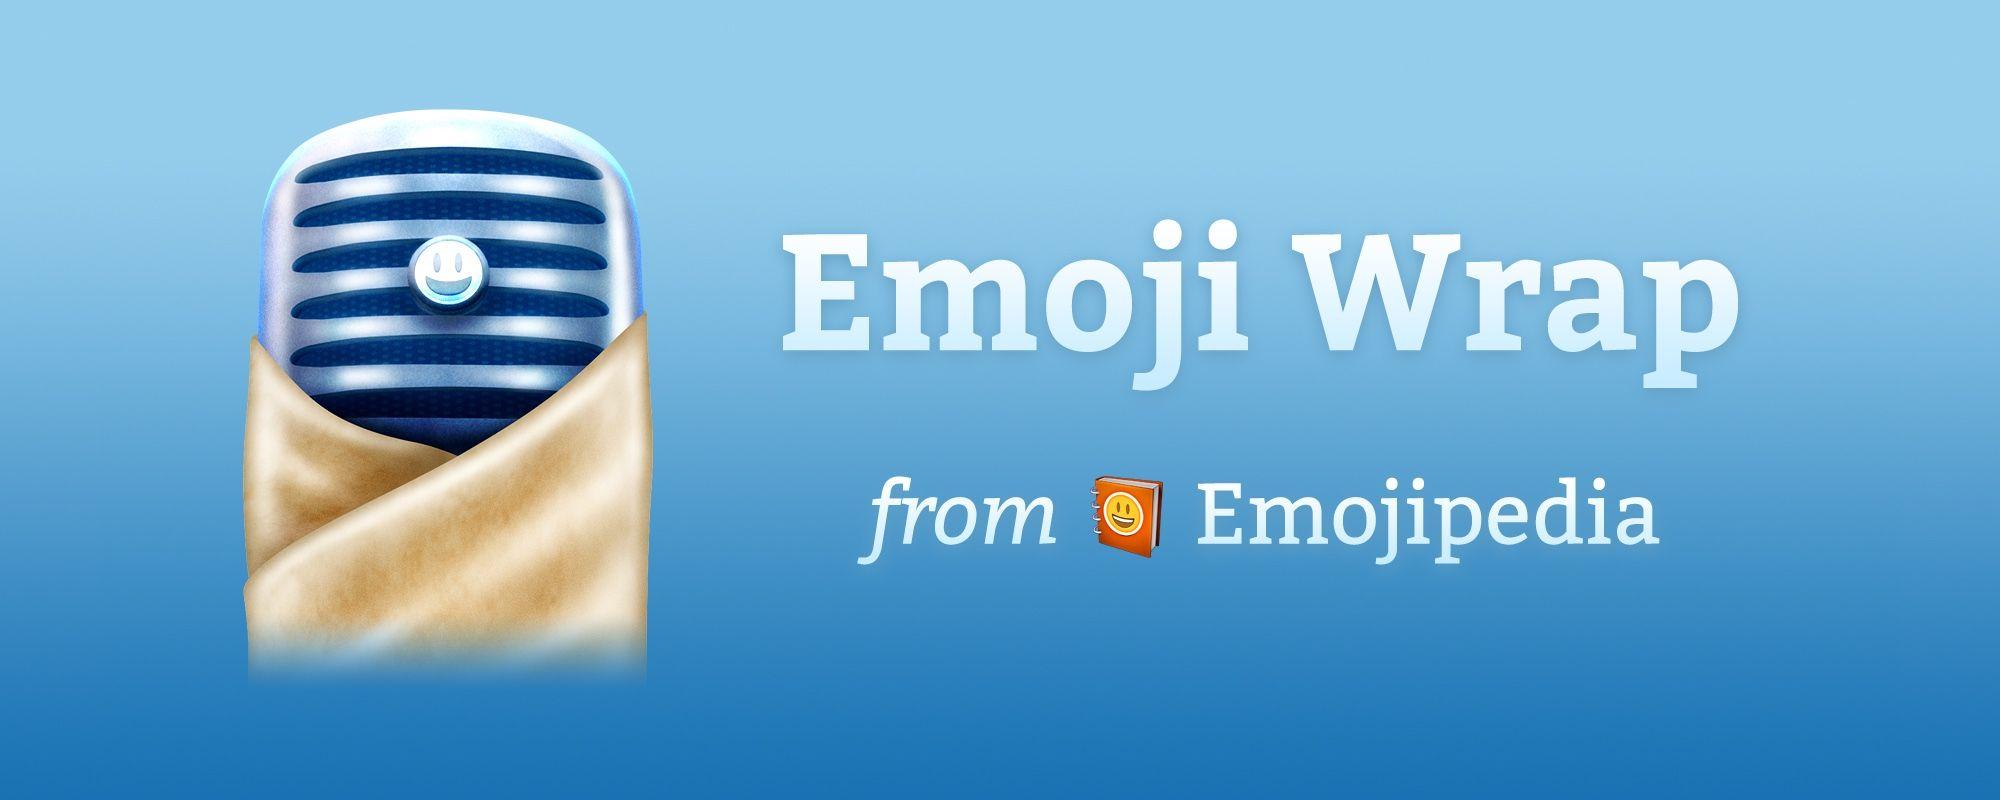 Emoji Wrap Podcast Starts Today